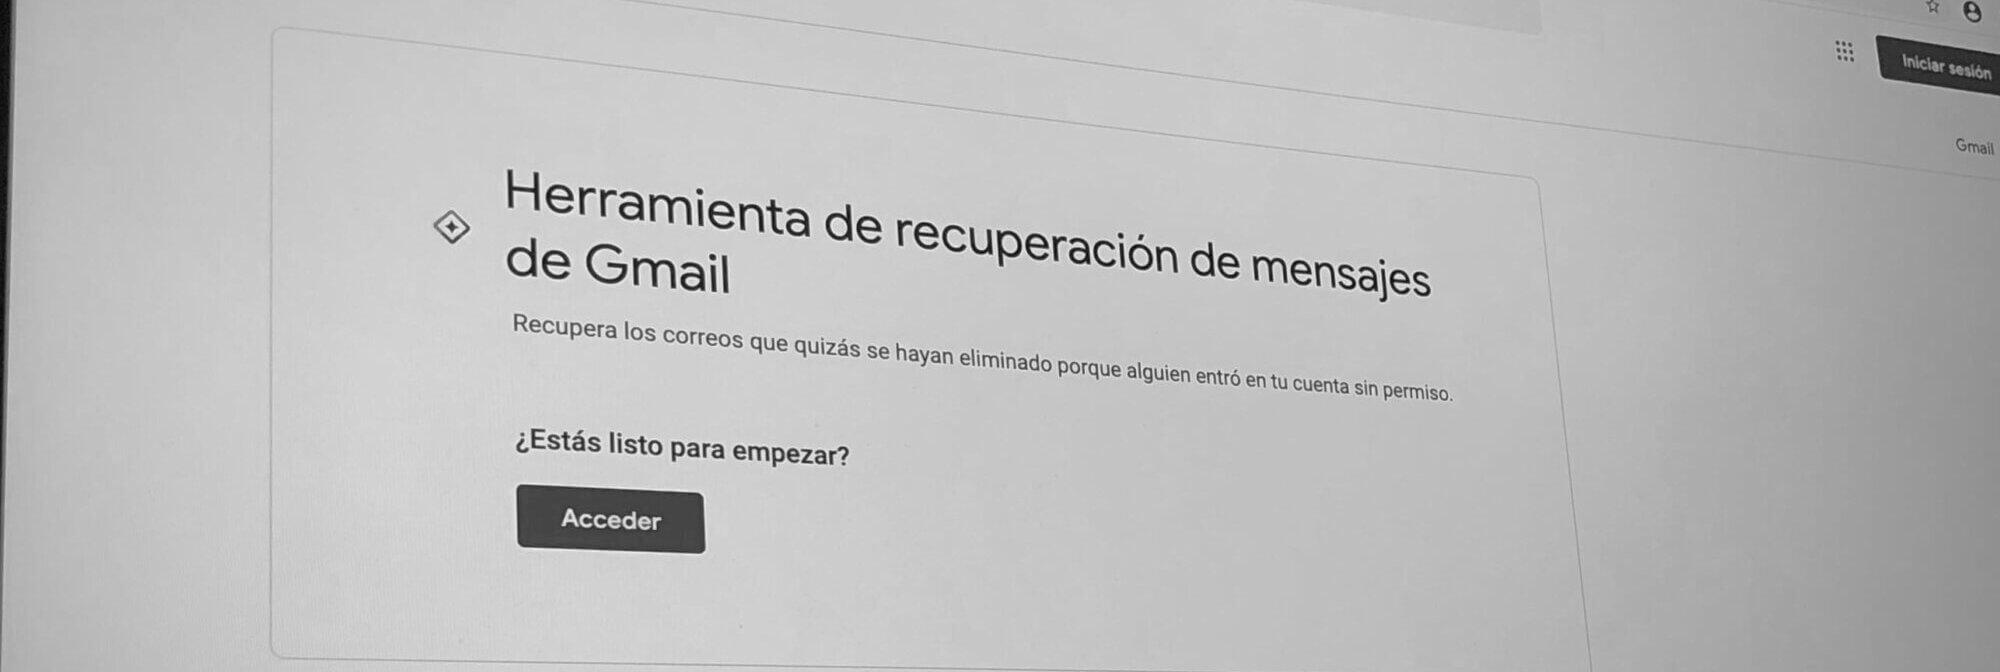 Pantalla de inicio de la herramienta de Gmail para recuperar correos eliminados